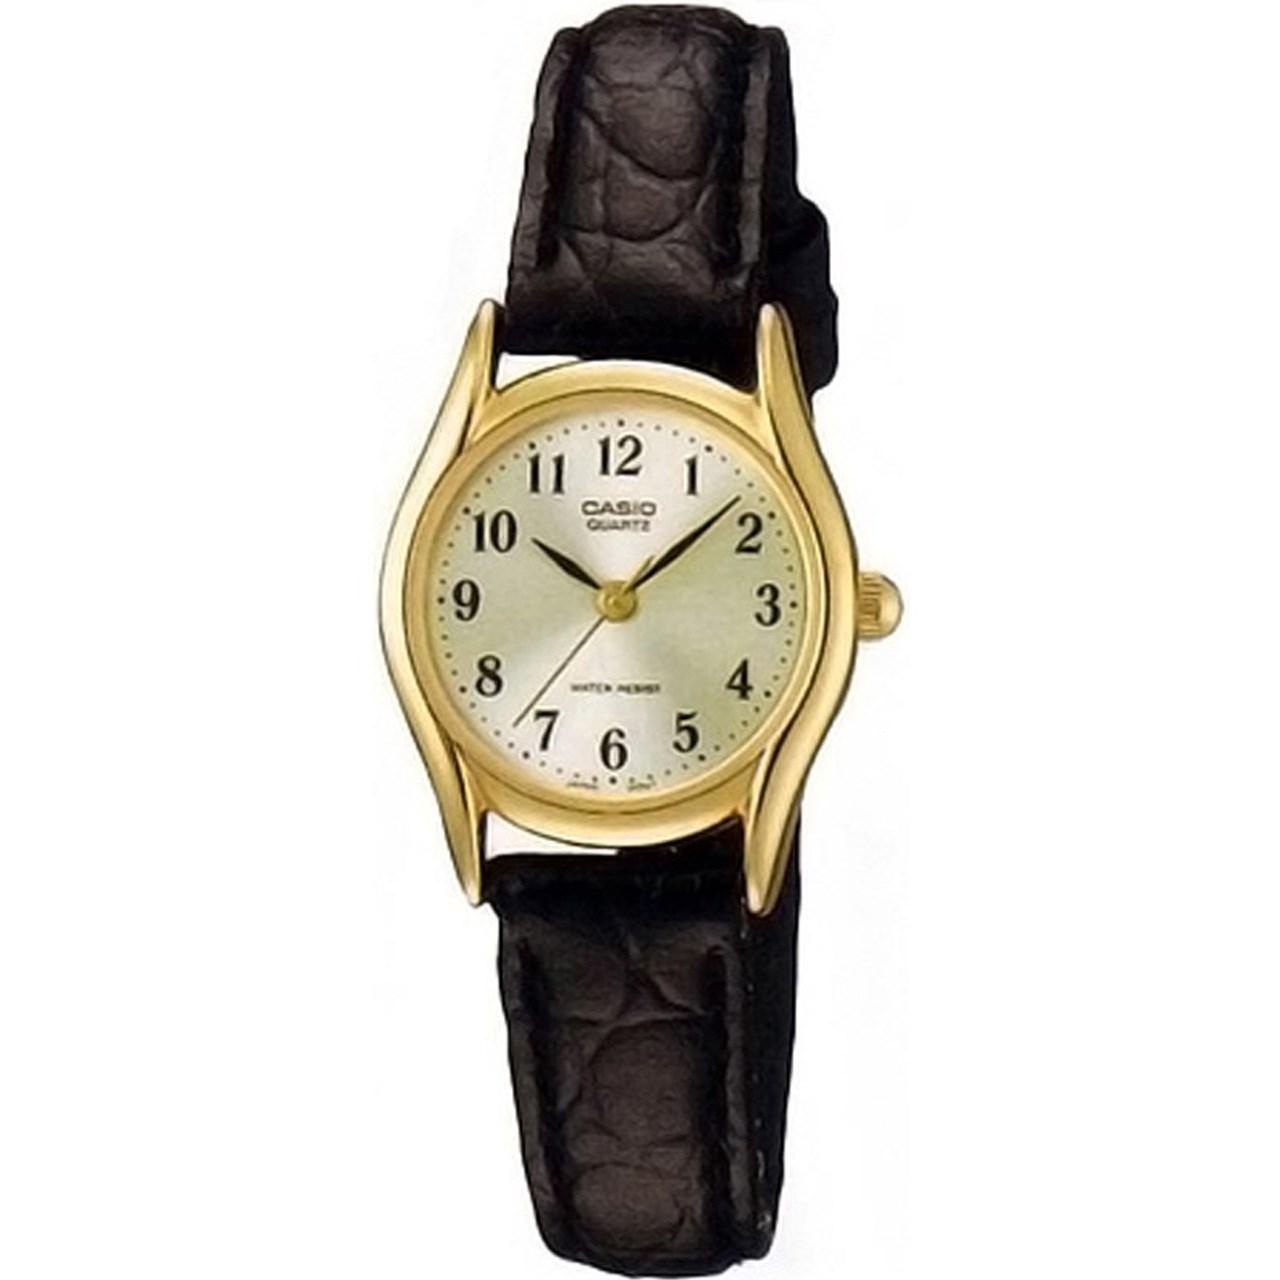 ساعت مچی عقربه ای زنانه کاسیو مدل LTP-1094Q-7B2RDF 2